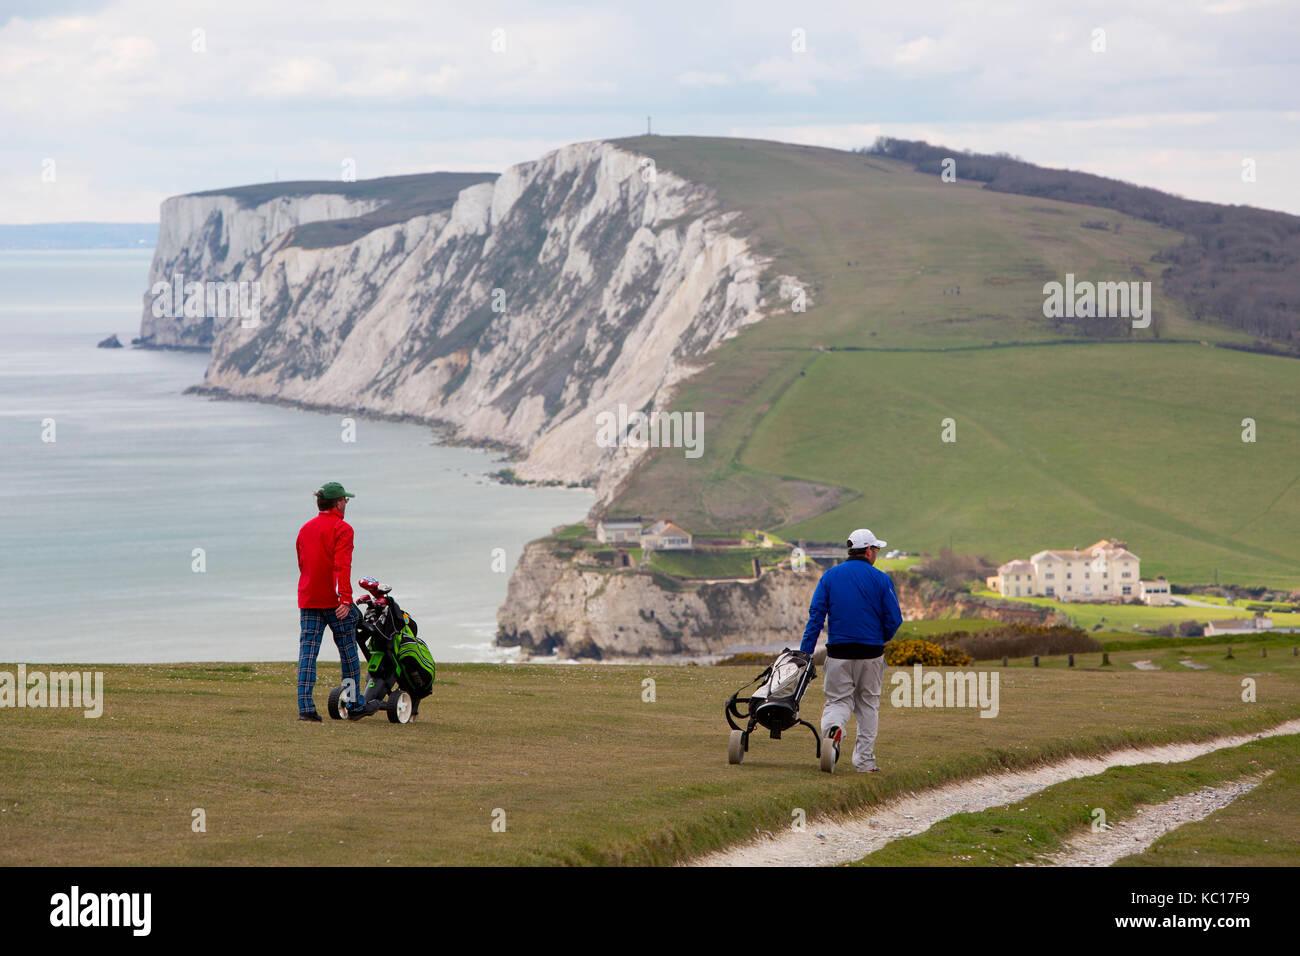 Golf, giocando, corso, links, Downs, giù, giocatori twosome, due doppie, club, club, carrello elettrico, carrello, Immagini Stock